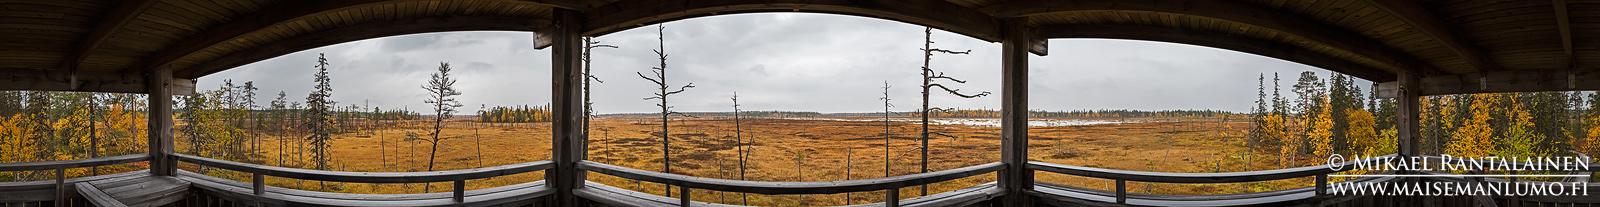 360° panoraama, Luiron suo, Pelkosenniemi (PK114)